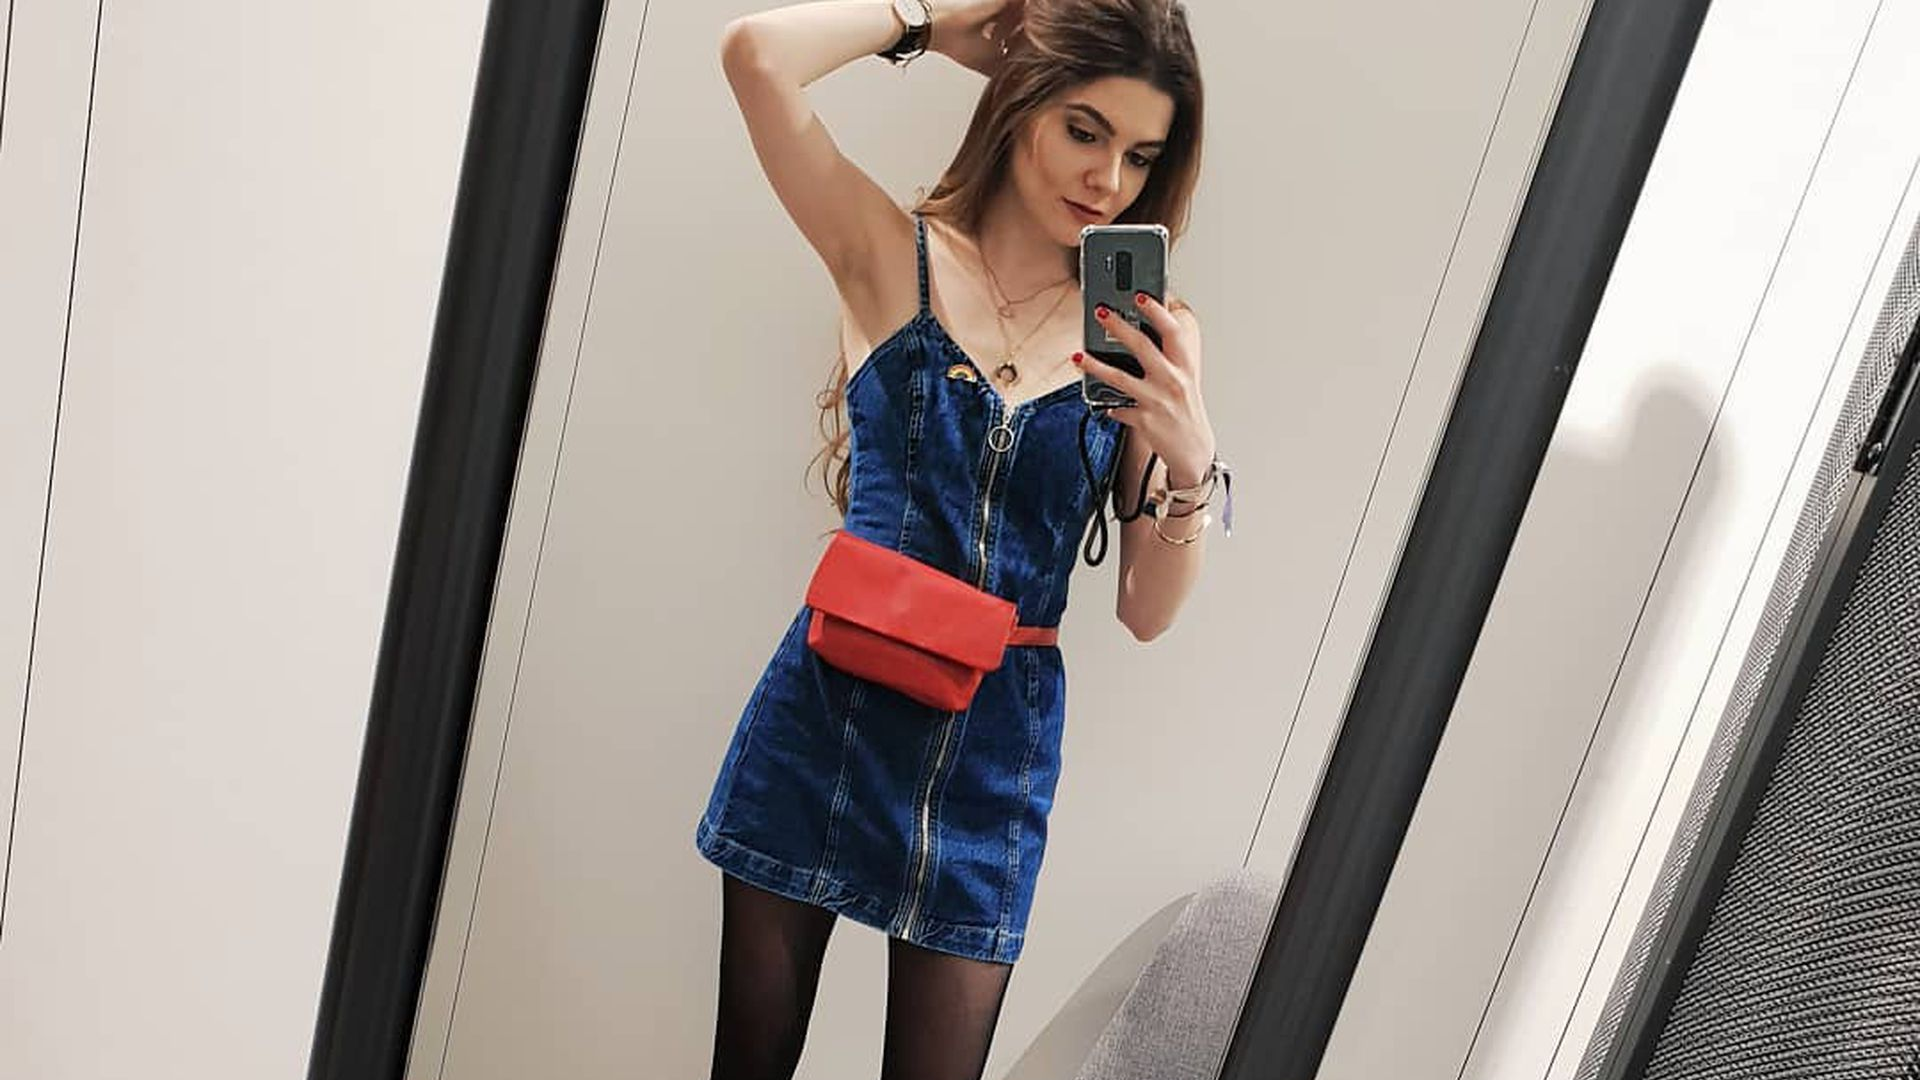 Krasse beichte klaudia giez beim shoppen sexuell for Spiegel runterladen